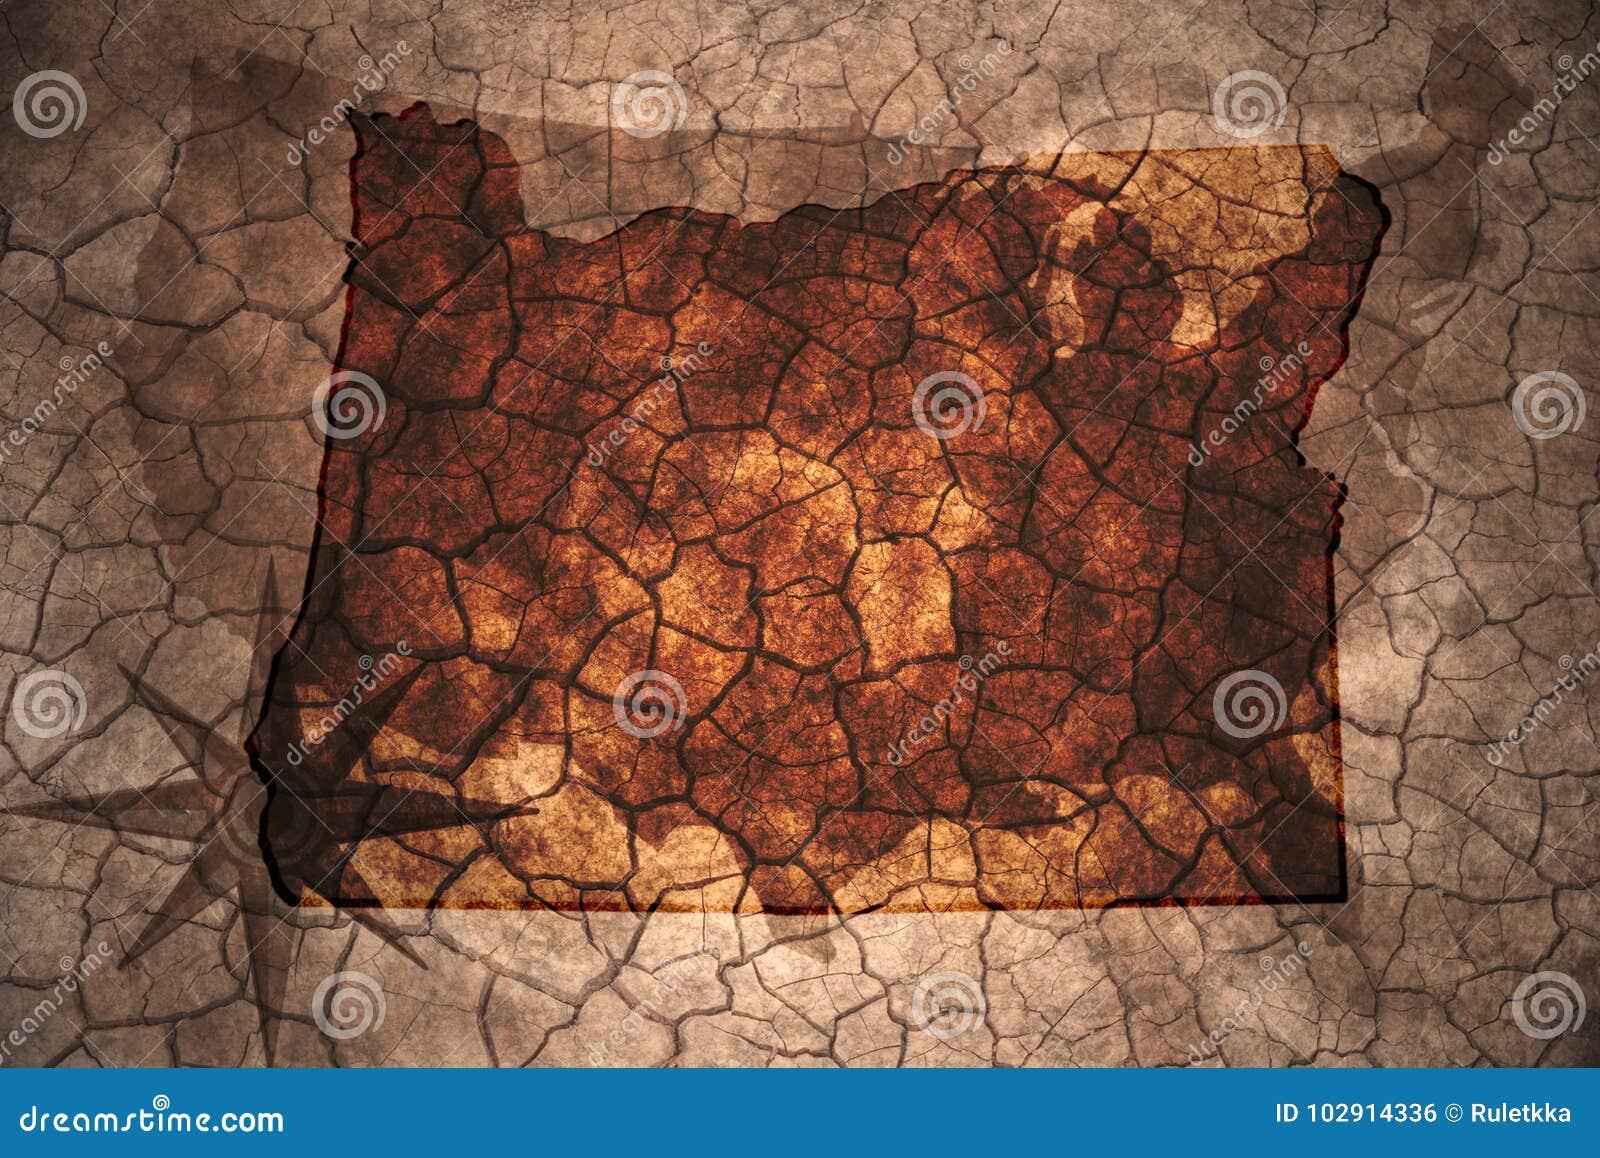 Vintage Oregon Map.Vintage Oregon State Map Stock Illustration Illustration Of Ancient